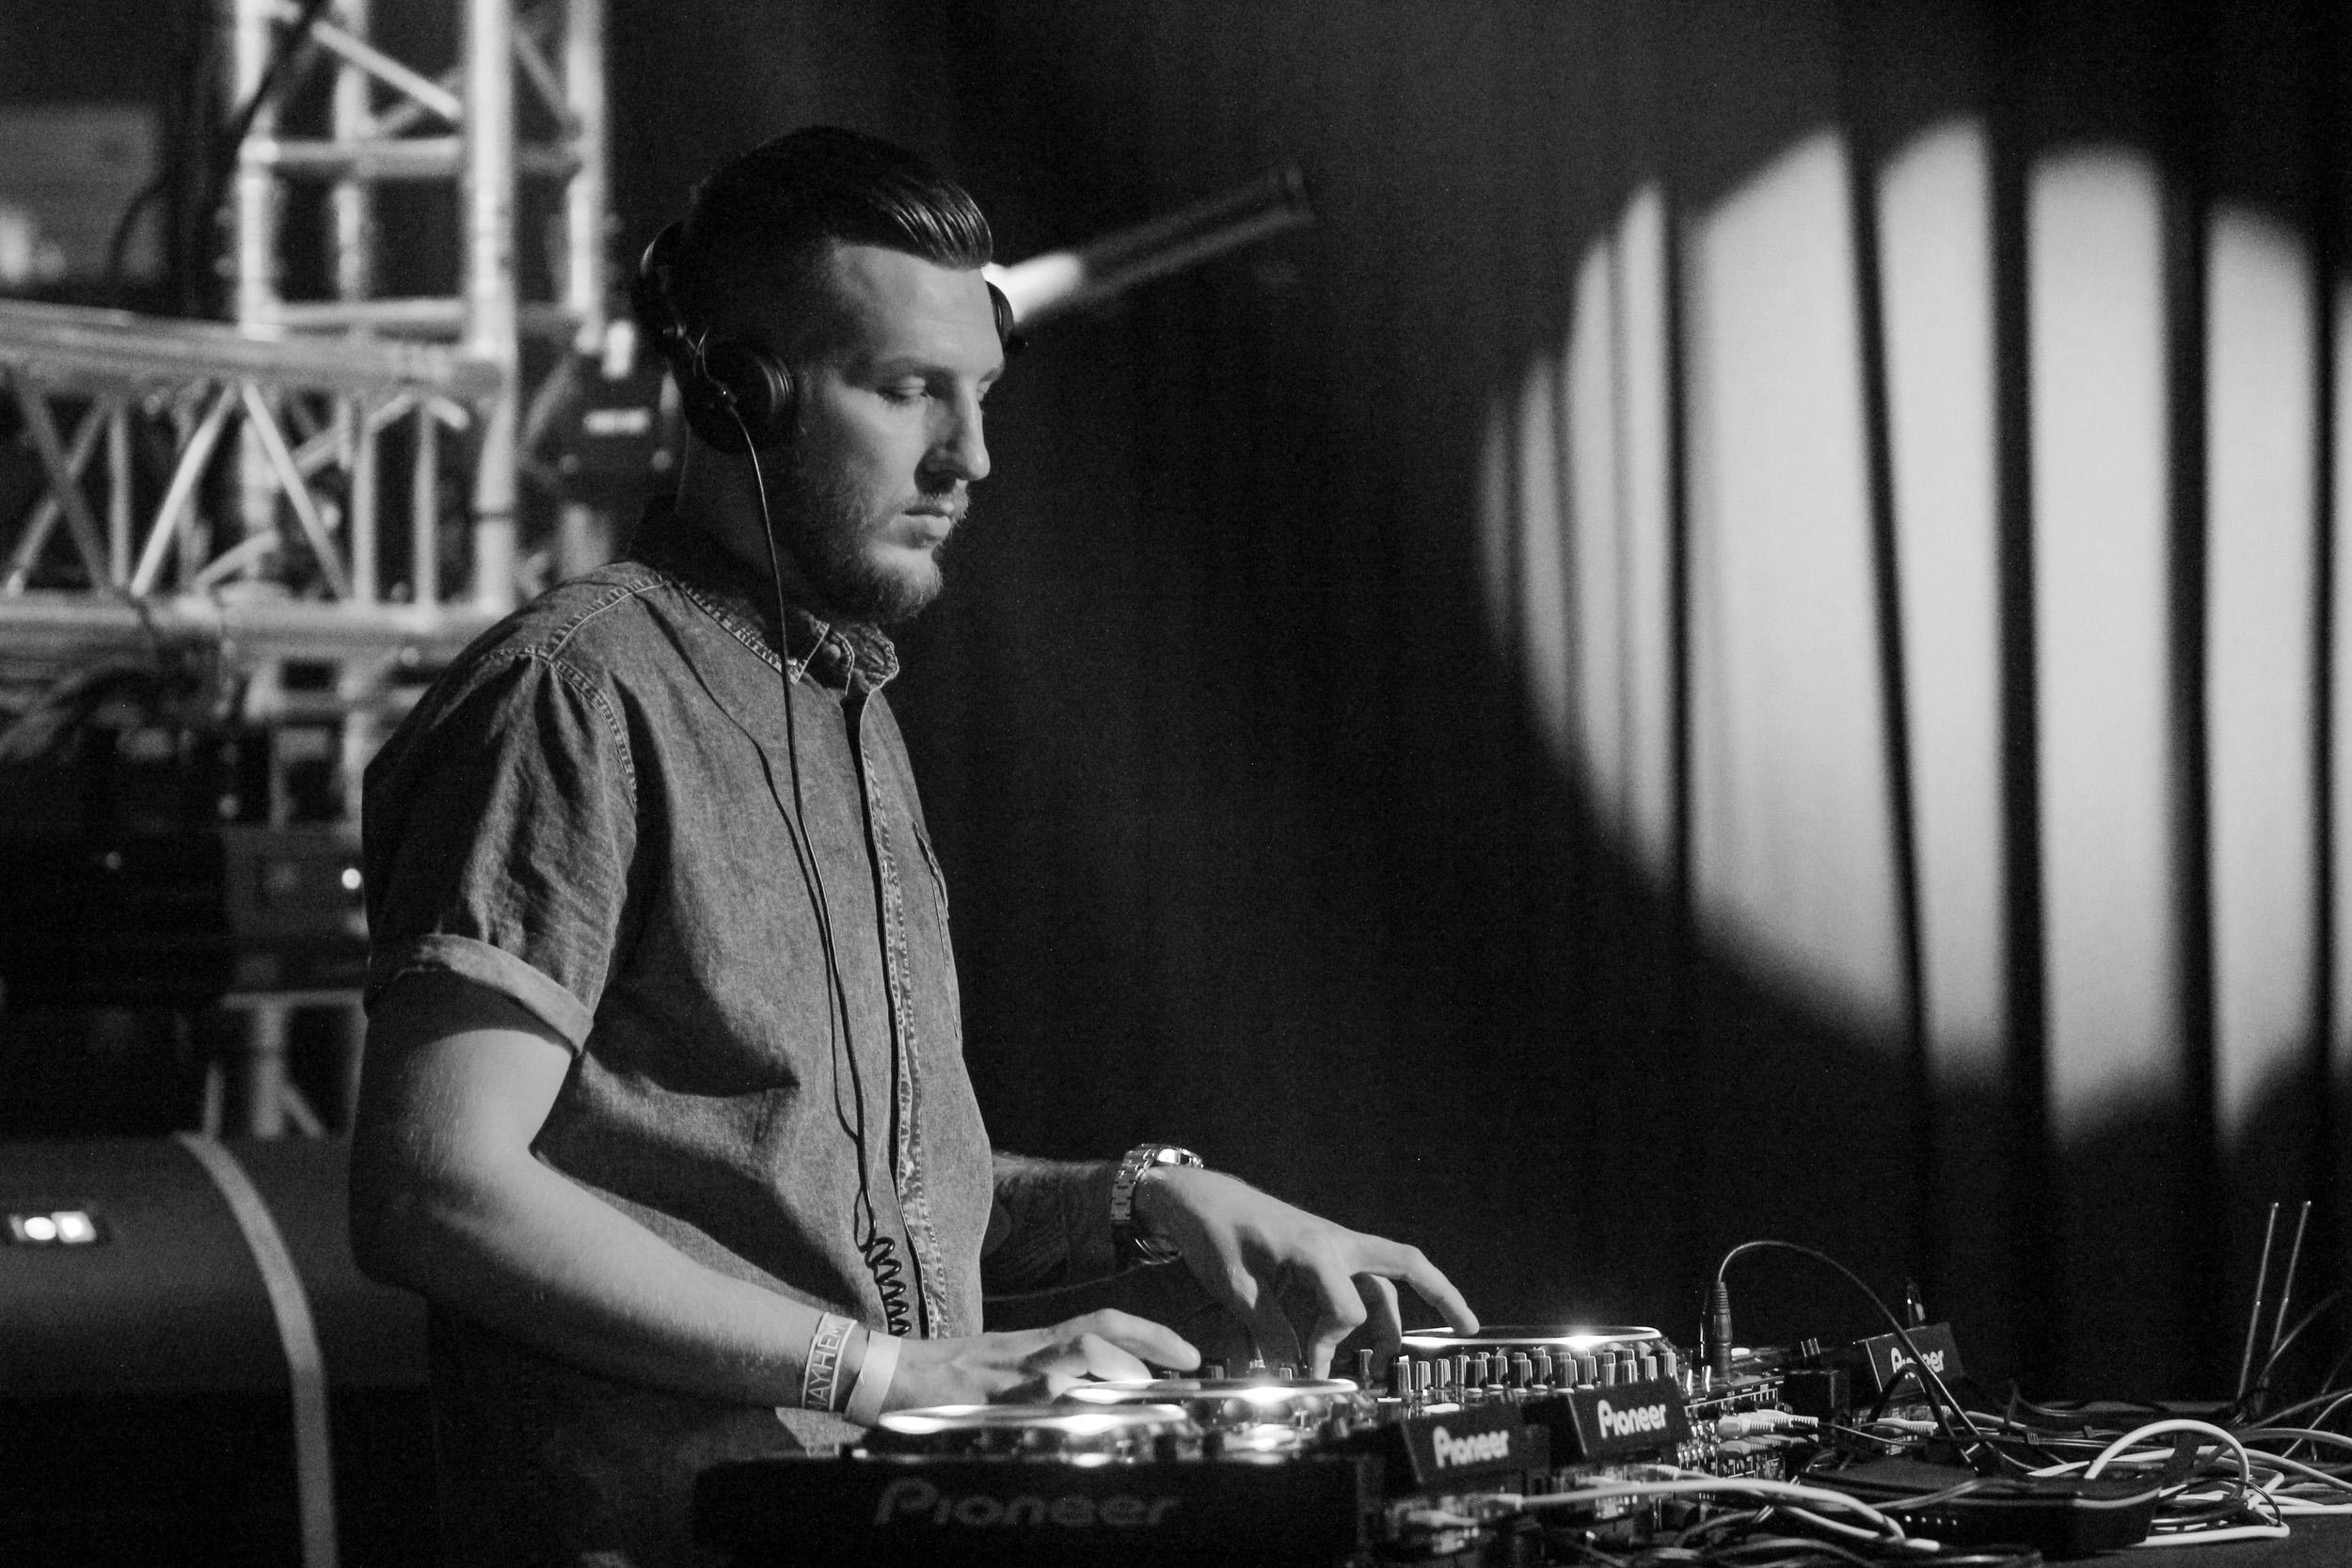 DJ PER PEDERSON